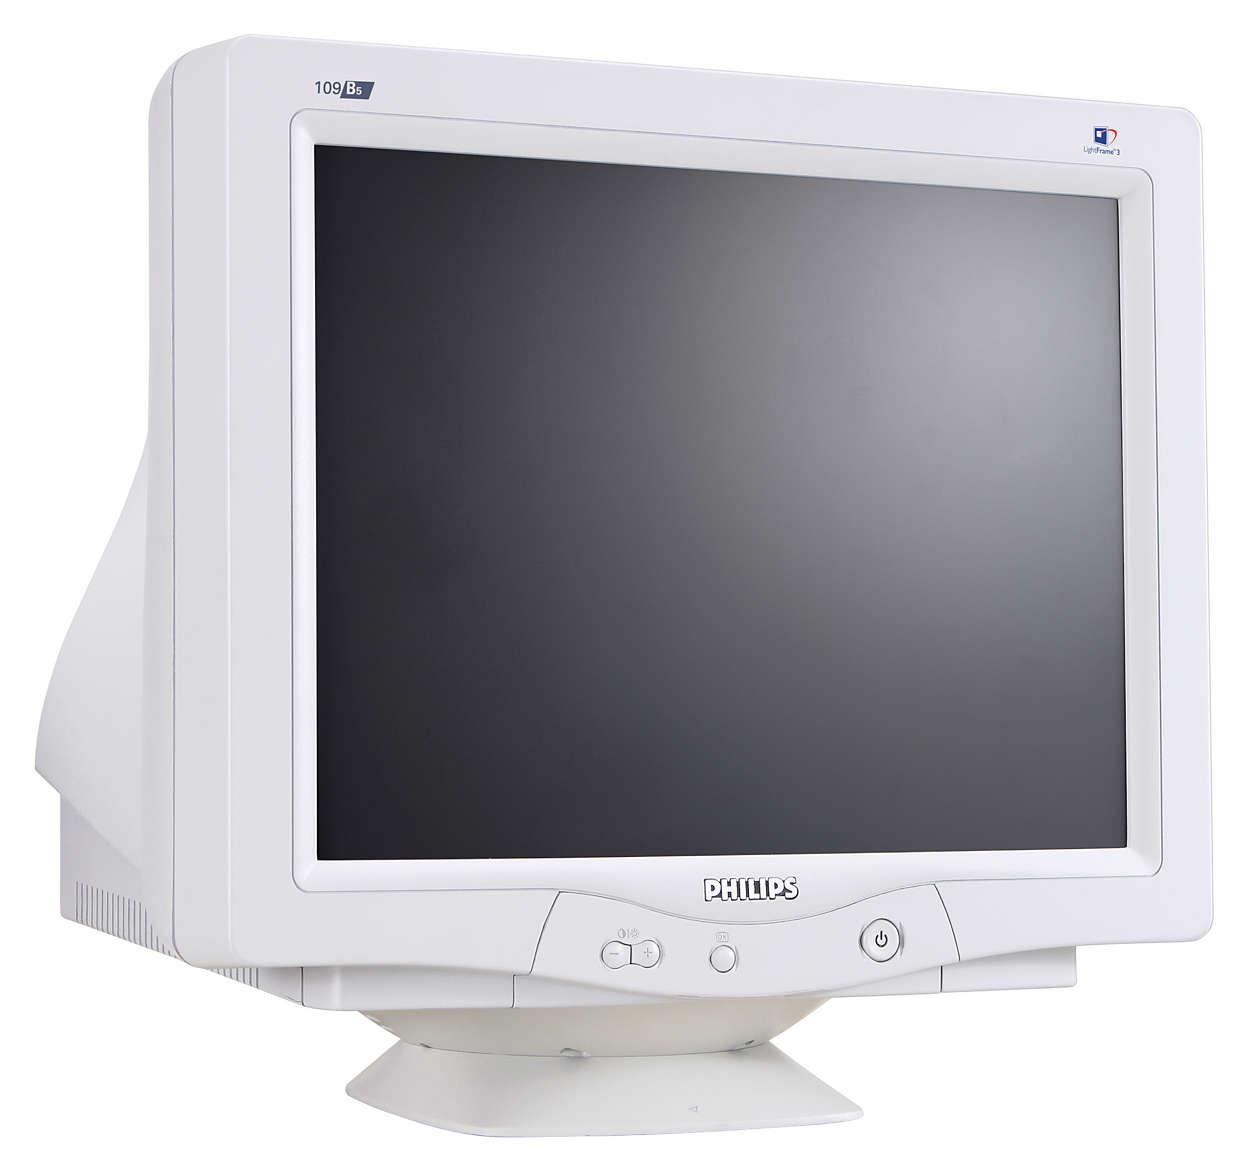 จอภาพ CRT เพื่อความบันเทิงจากโทรทัศน์และคอมพิวเตอร์